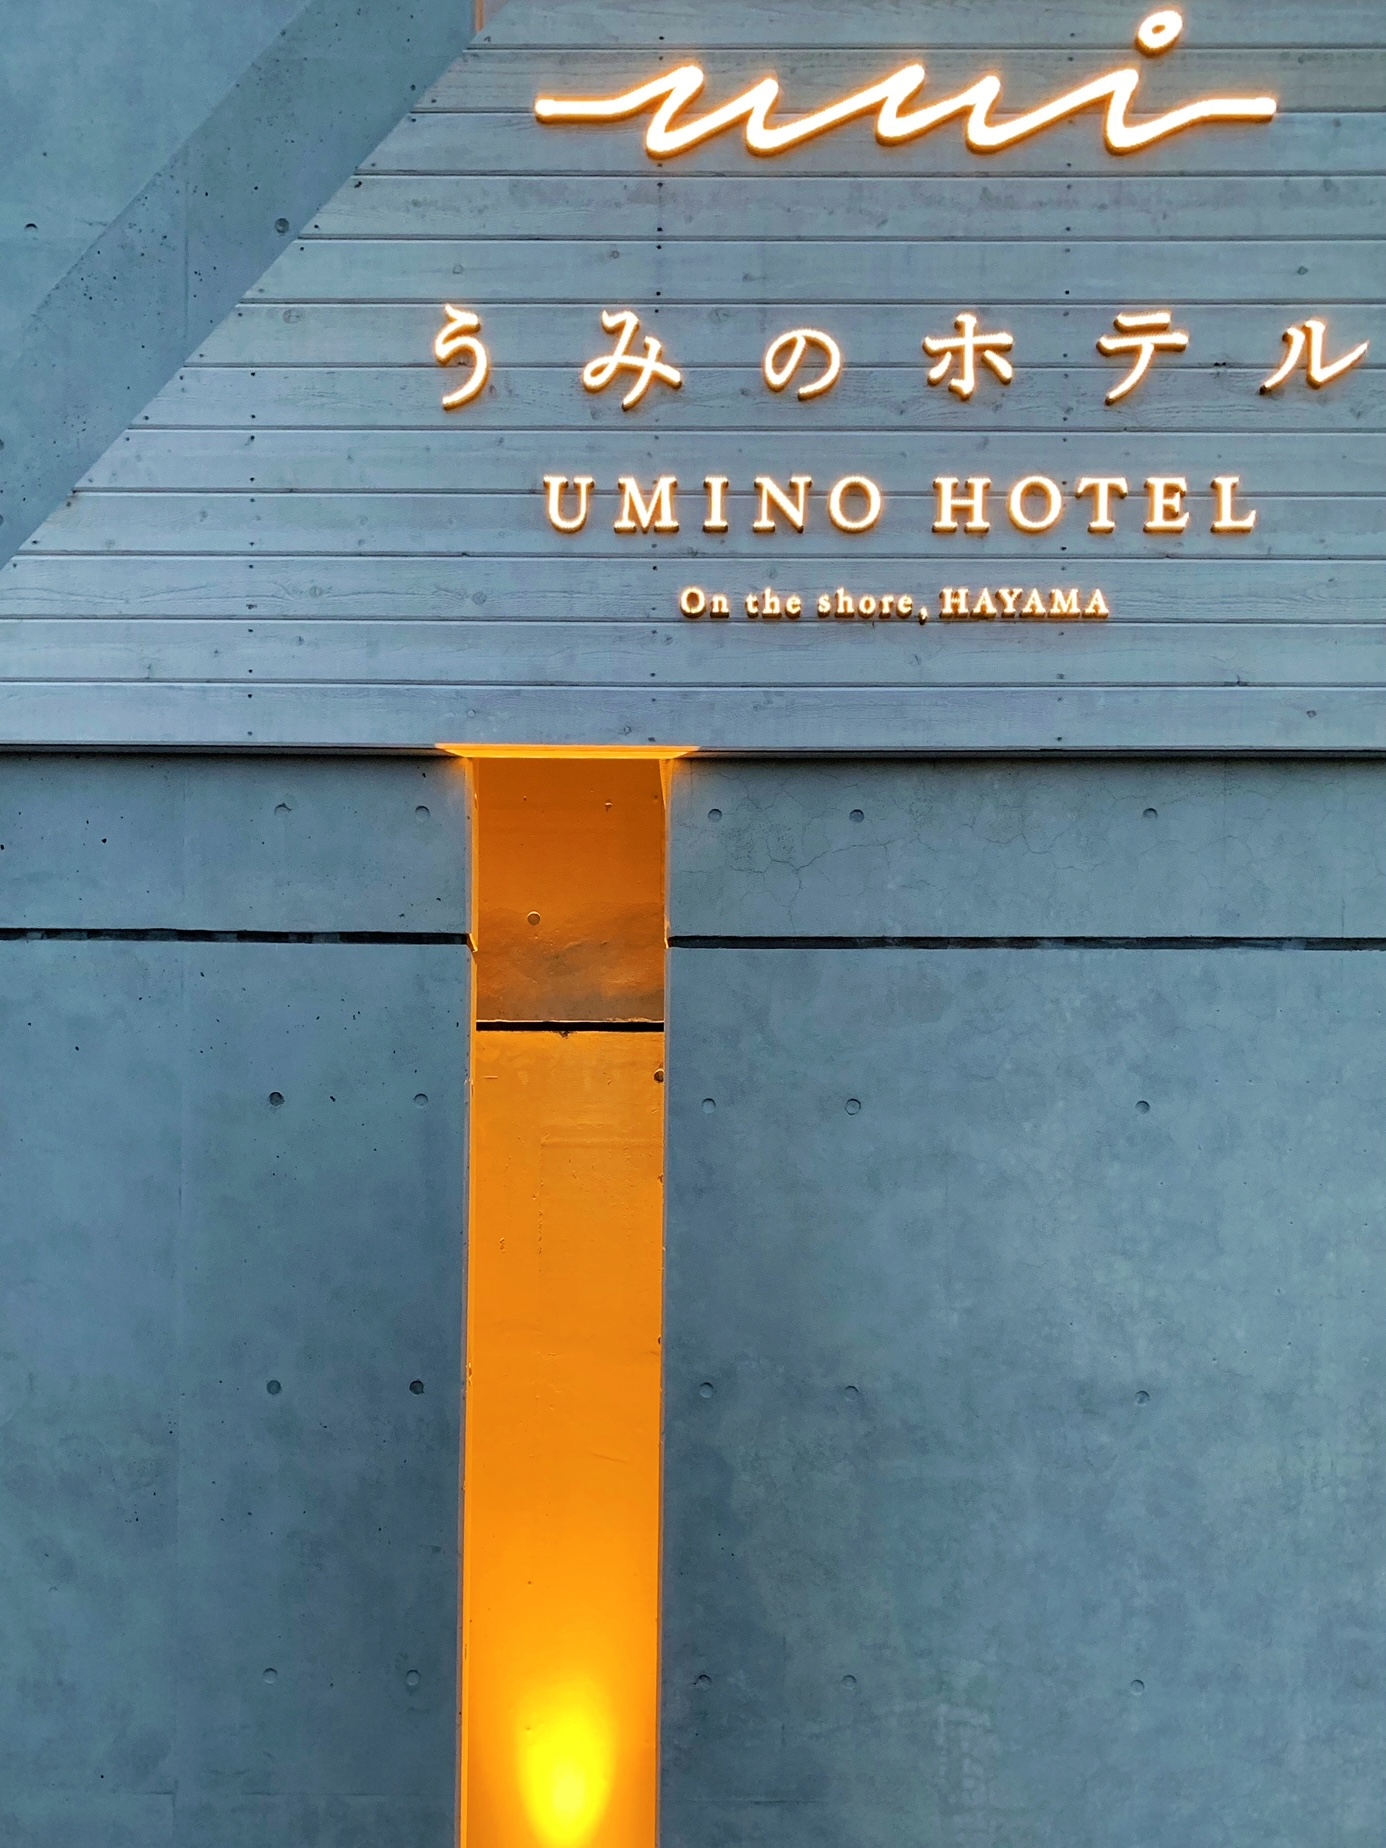 【女子旅】インテリアはもちろん朝ごはんも可愛い!?海を感じられるおすすめホテル♡_2